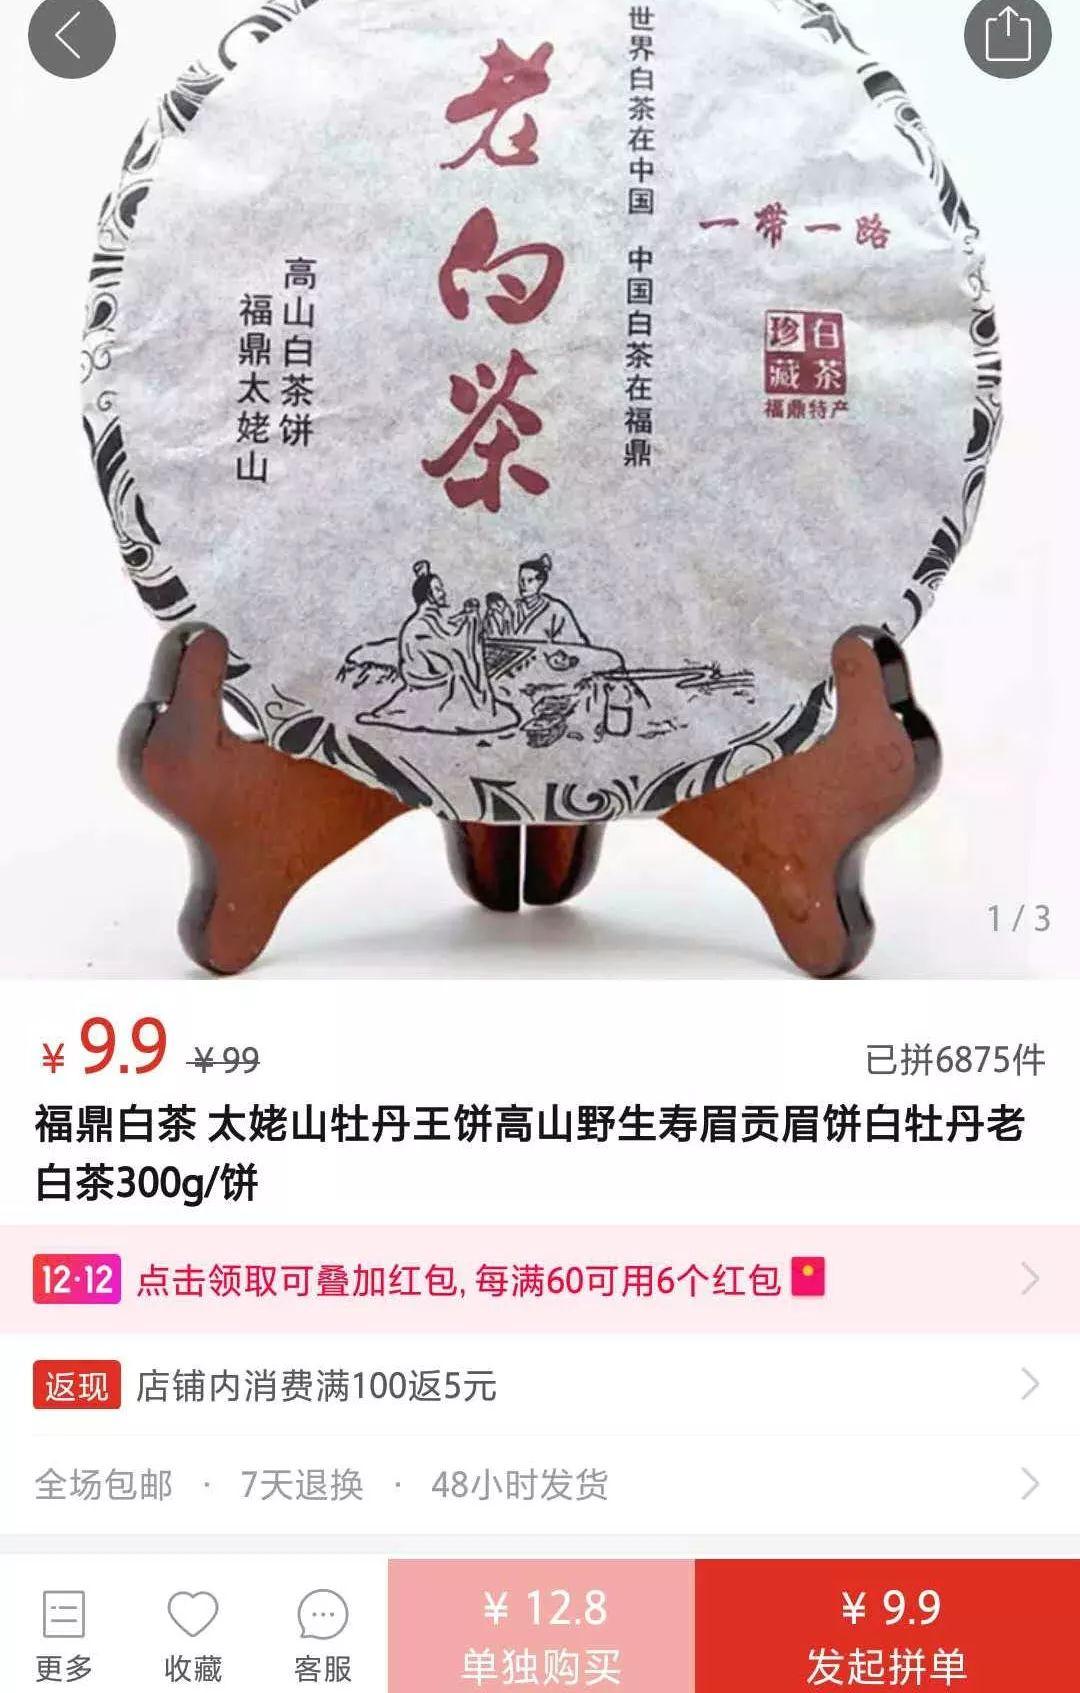 """网购""""福鼎白茶""""真假甄别要点"""